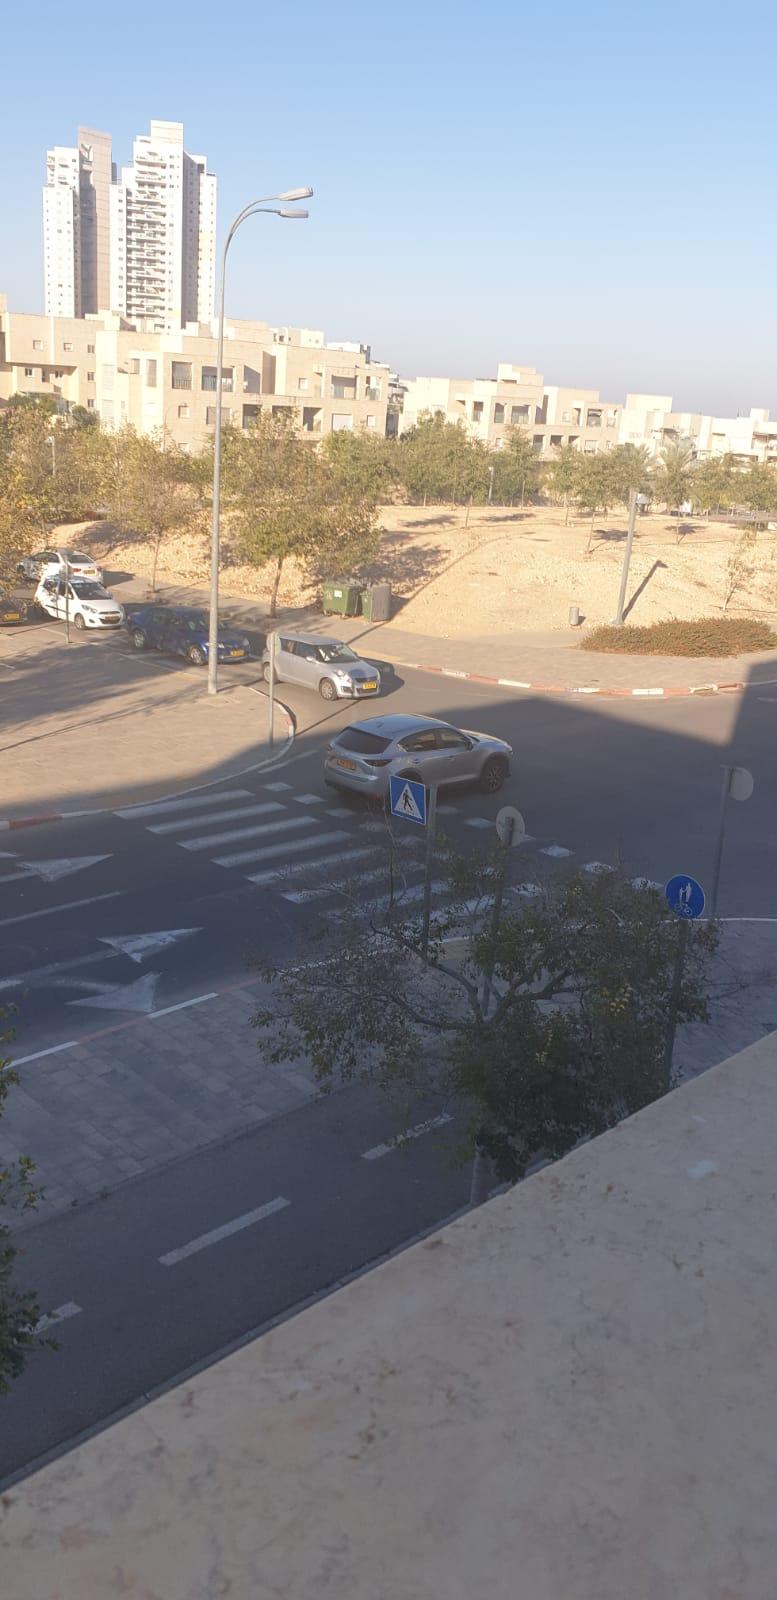 רחוב עמק זבולון (צילום: מוטי סמברנו)